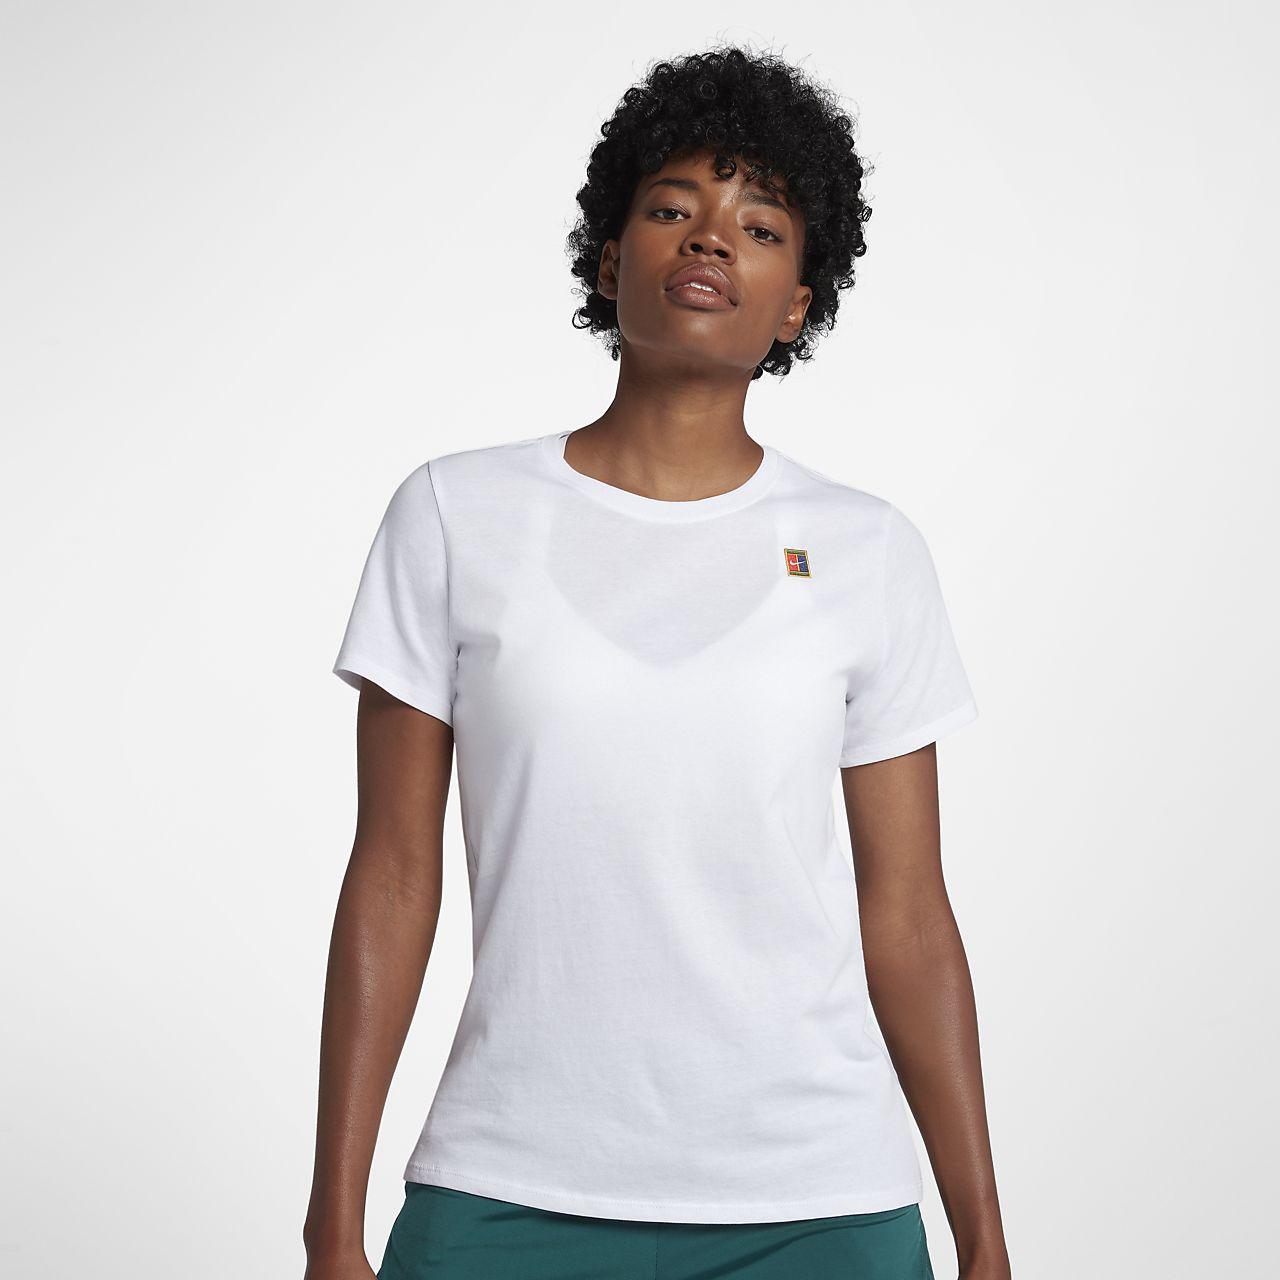 7b6e31e43f38b Playera de tenis para mujer NikeCourt. Nike.com MX